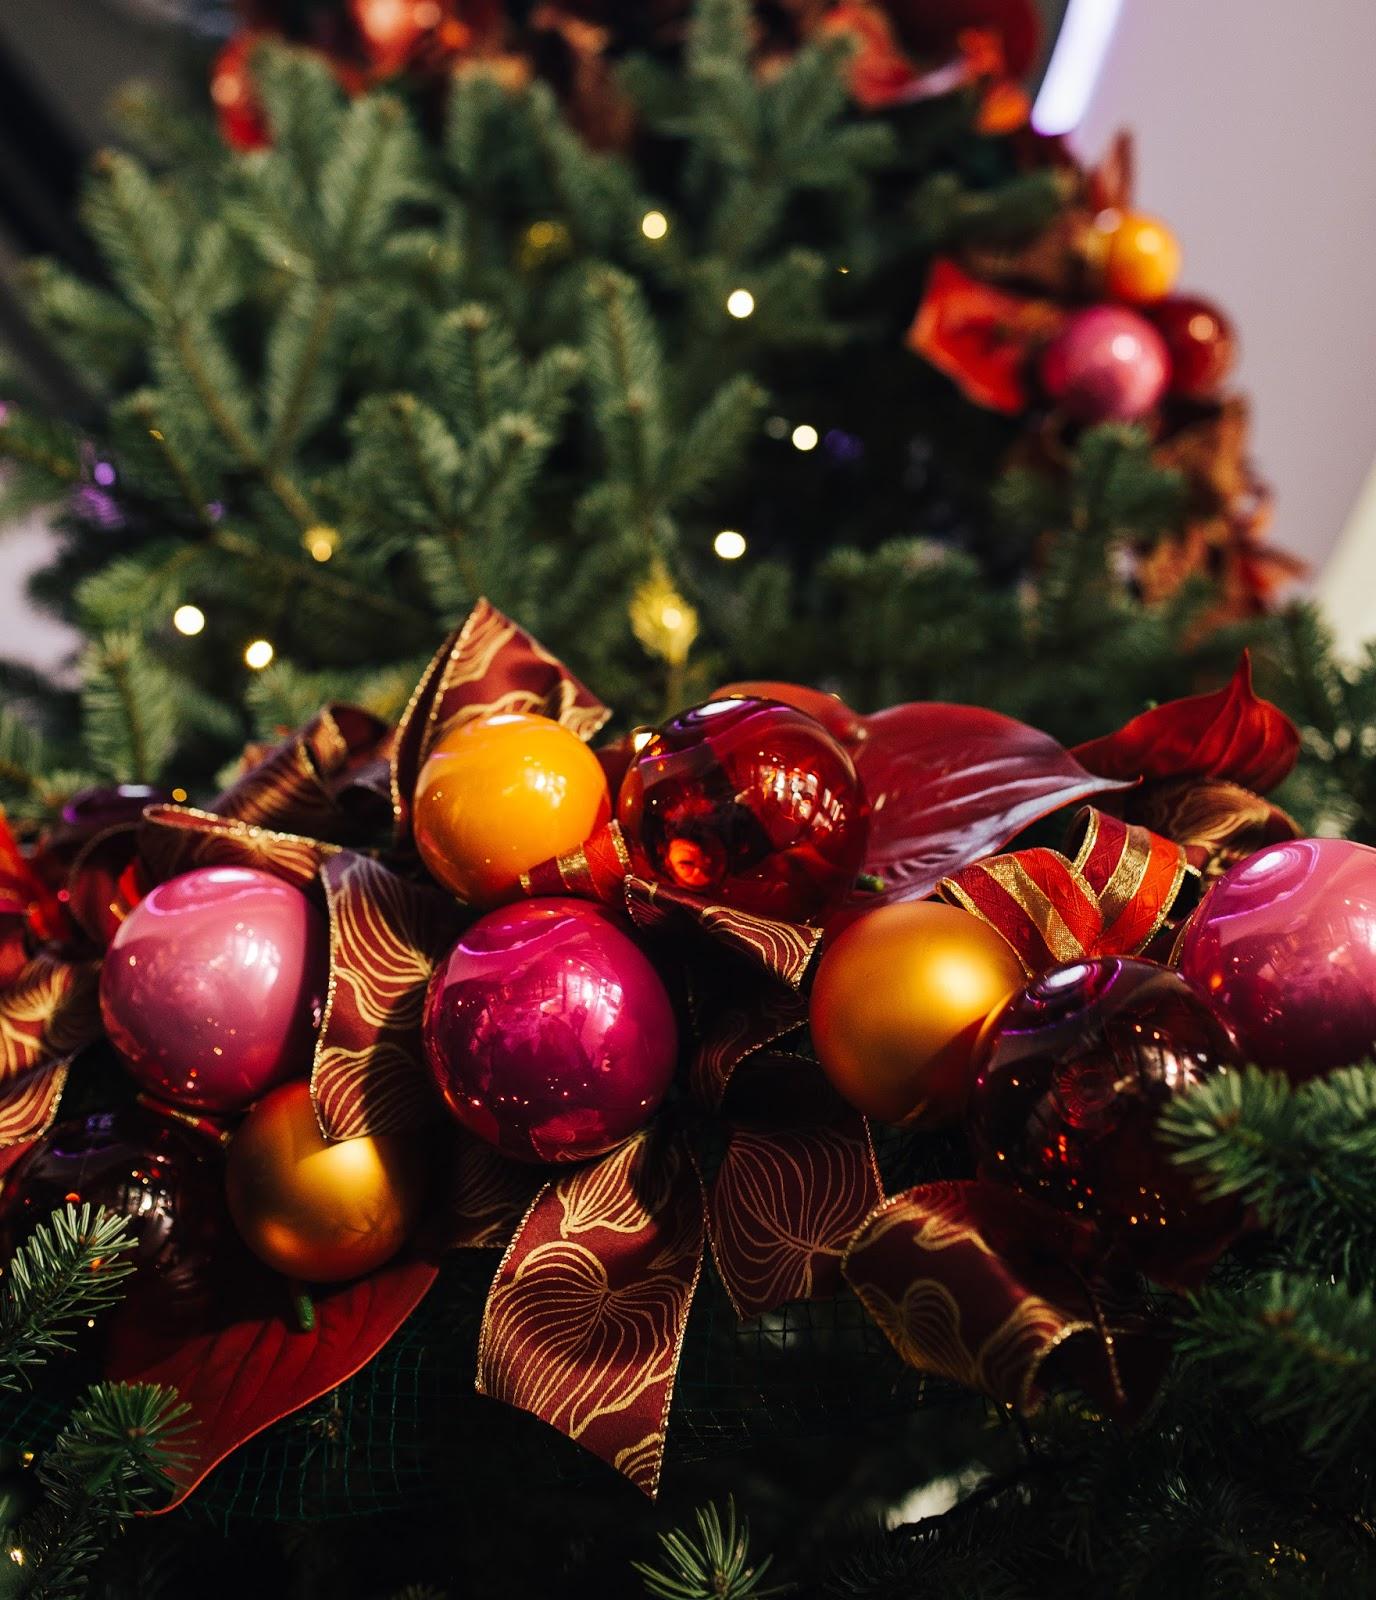 Zdrowych i Radosnych Świąt oraz Szczęśliwego Nowego Roku !